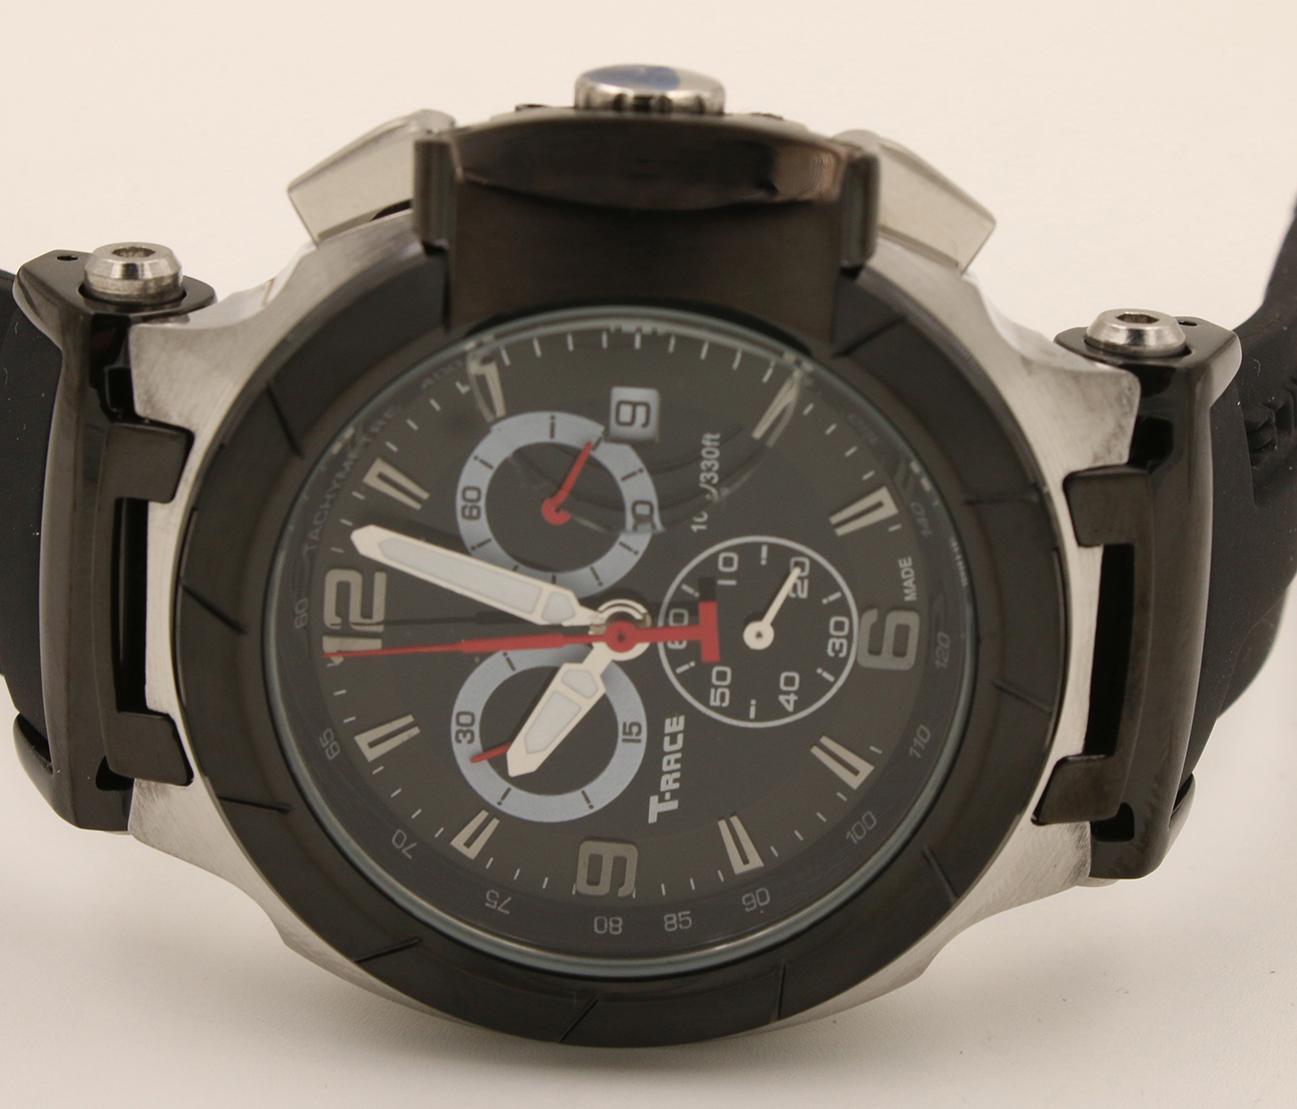 Sıcak satış Kuvars Chronograph İzle erkekler T-yarış İzle Portatil T0484172705702 saatler siyah lastik bant COUTURIER 1853